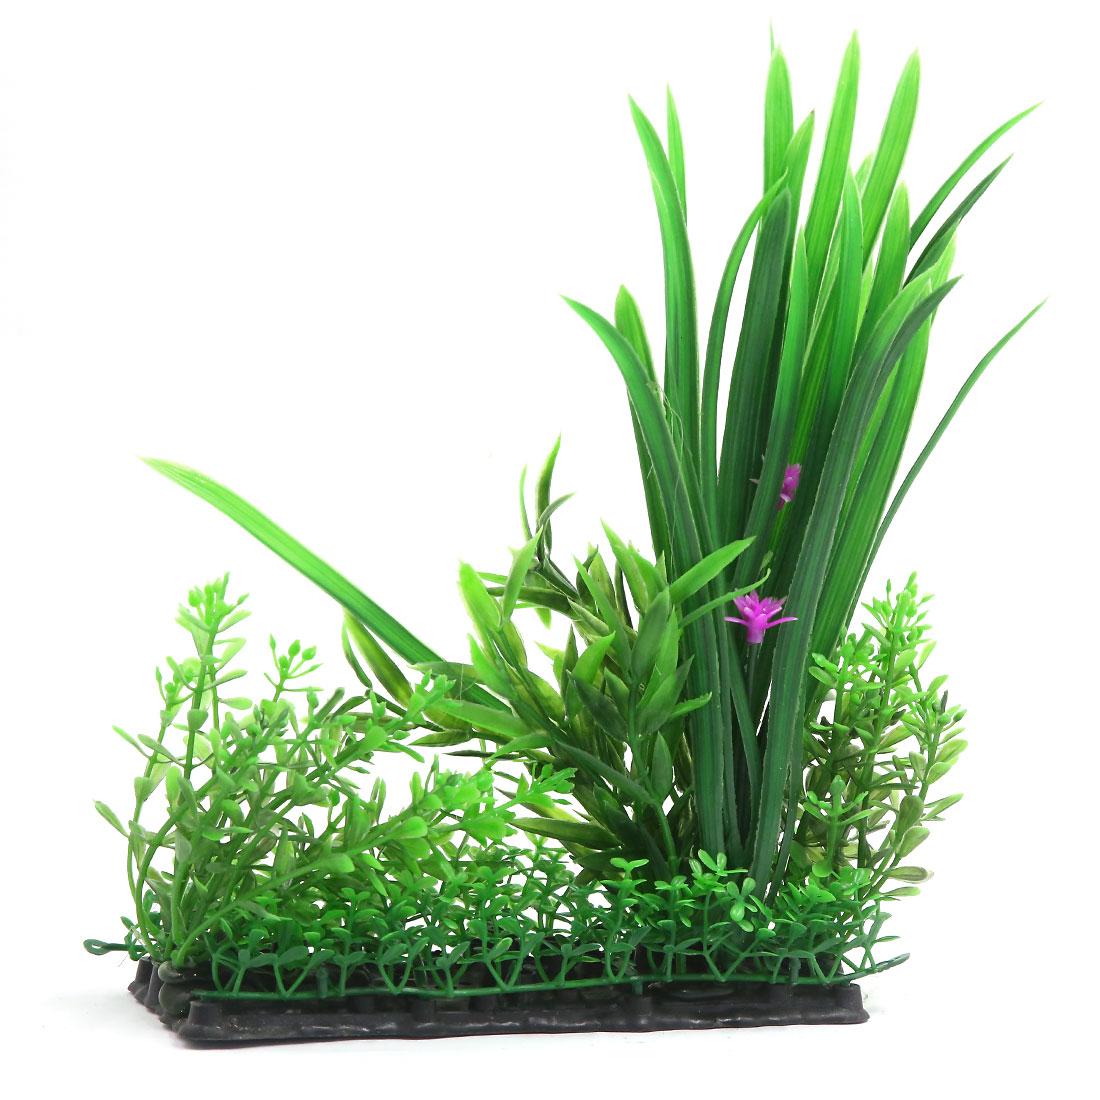 Vert Plante en plastique Décor d'aquarium pour Betta Poisson rouge